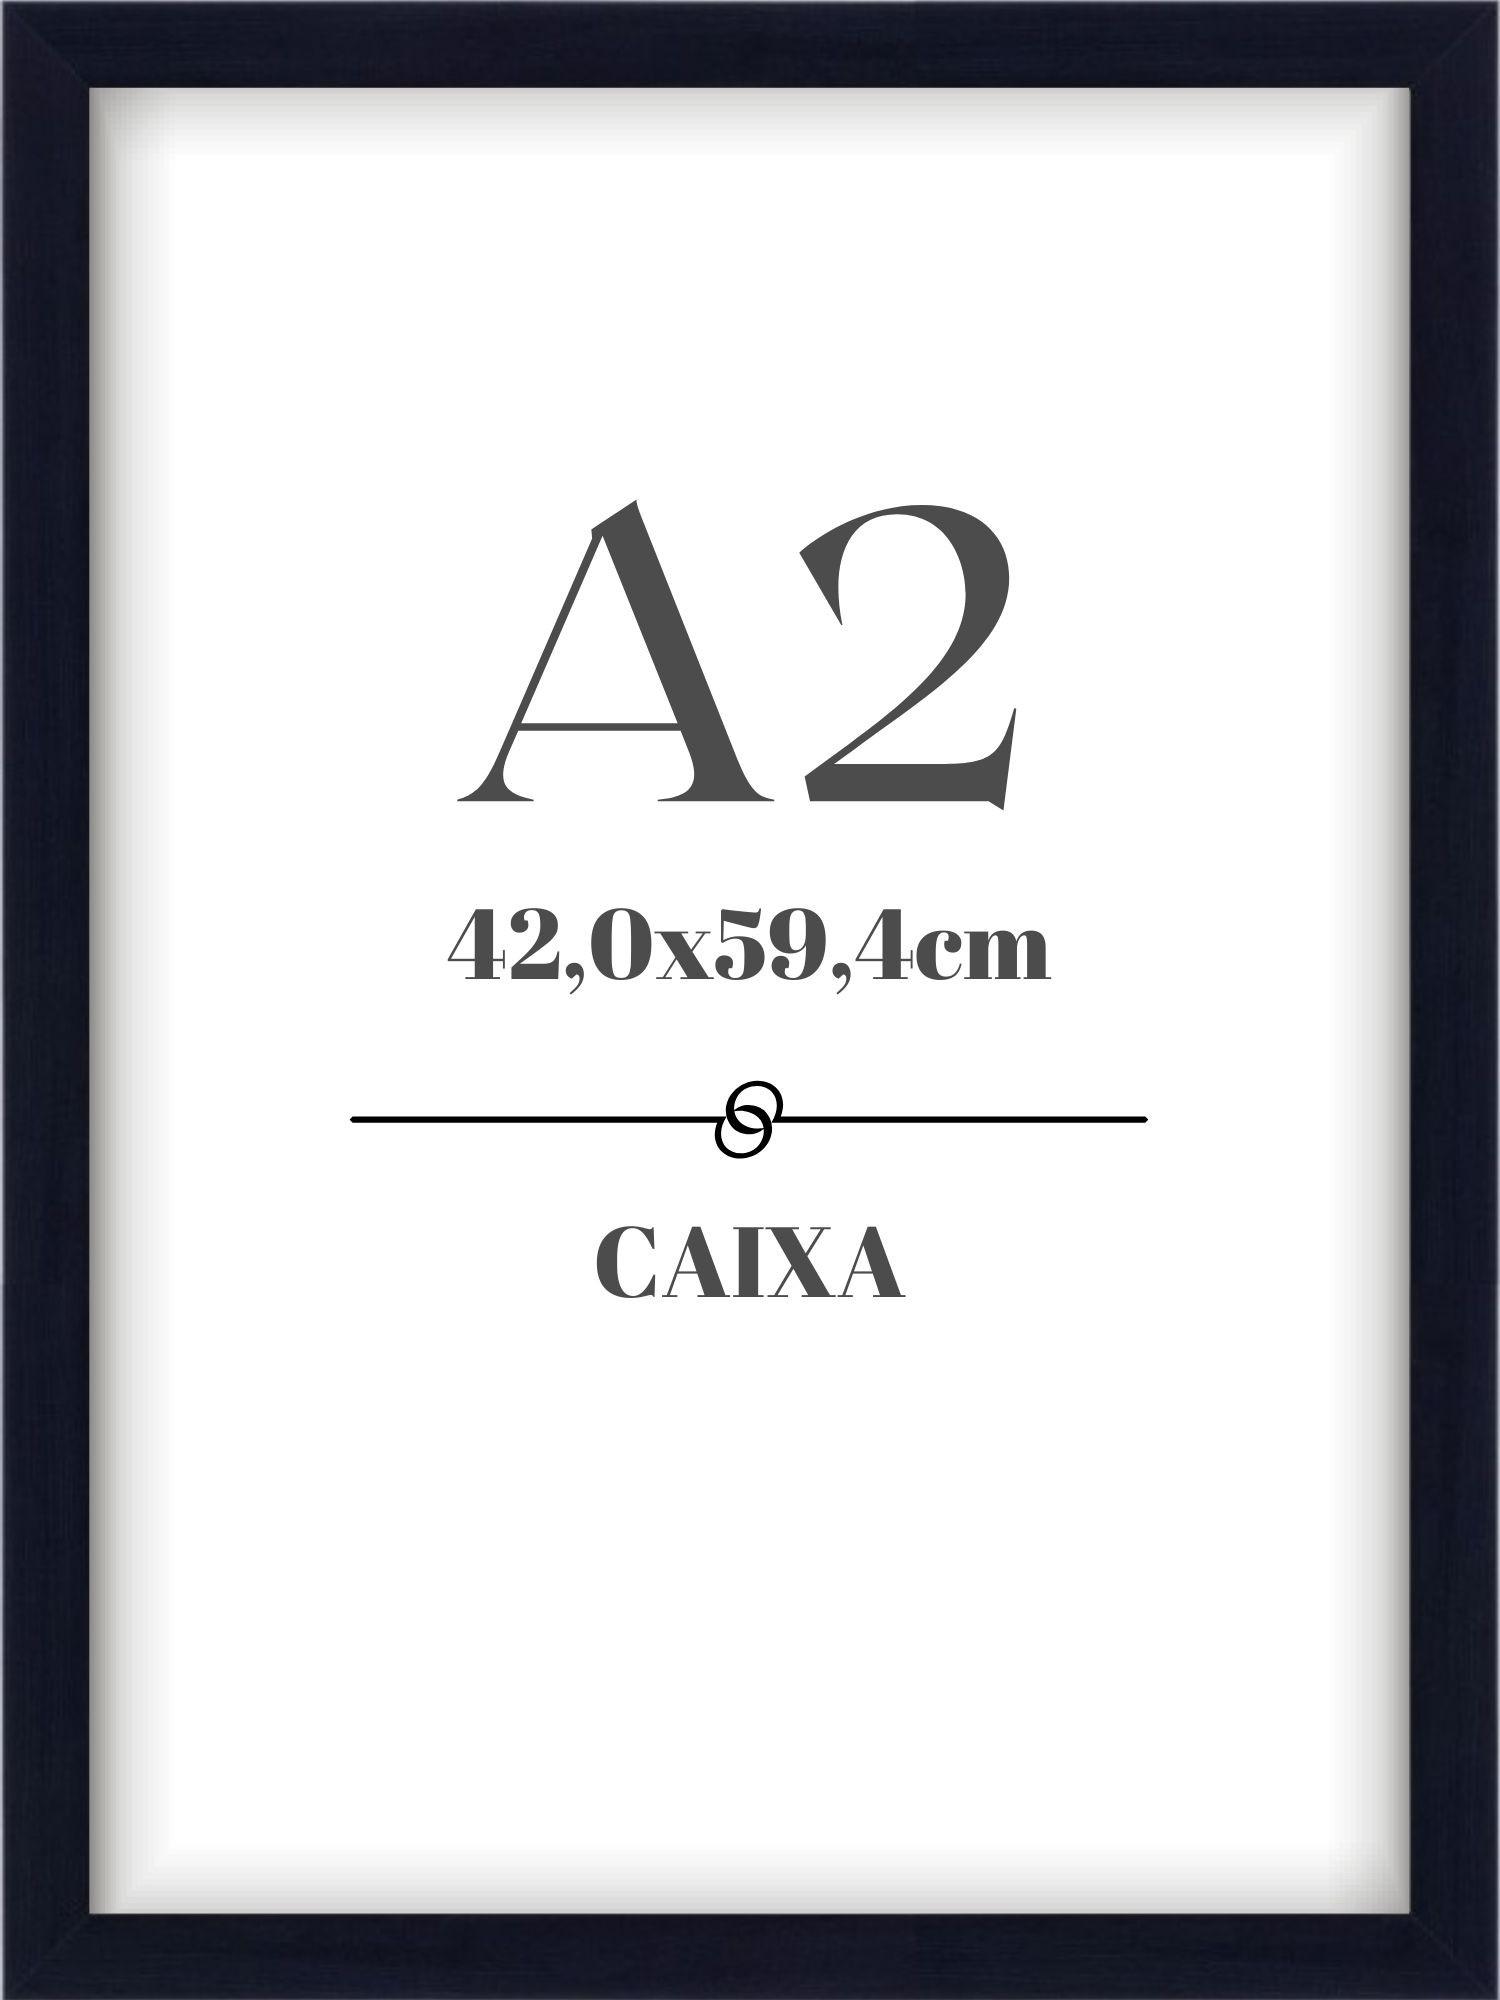 Moldura Caixa - A2